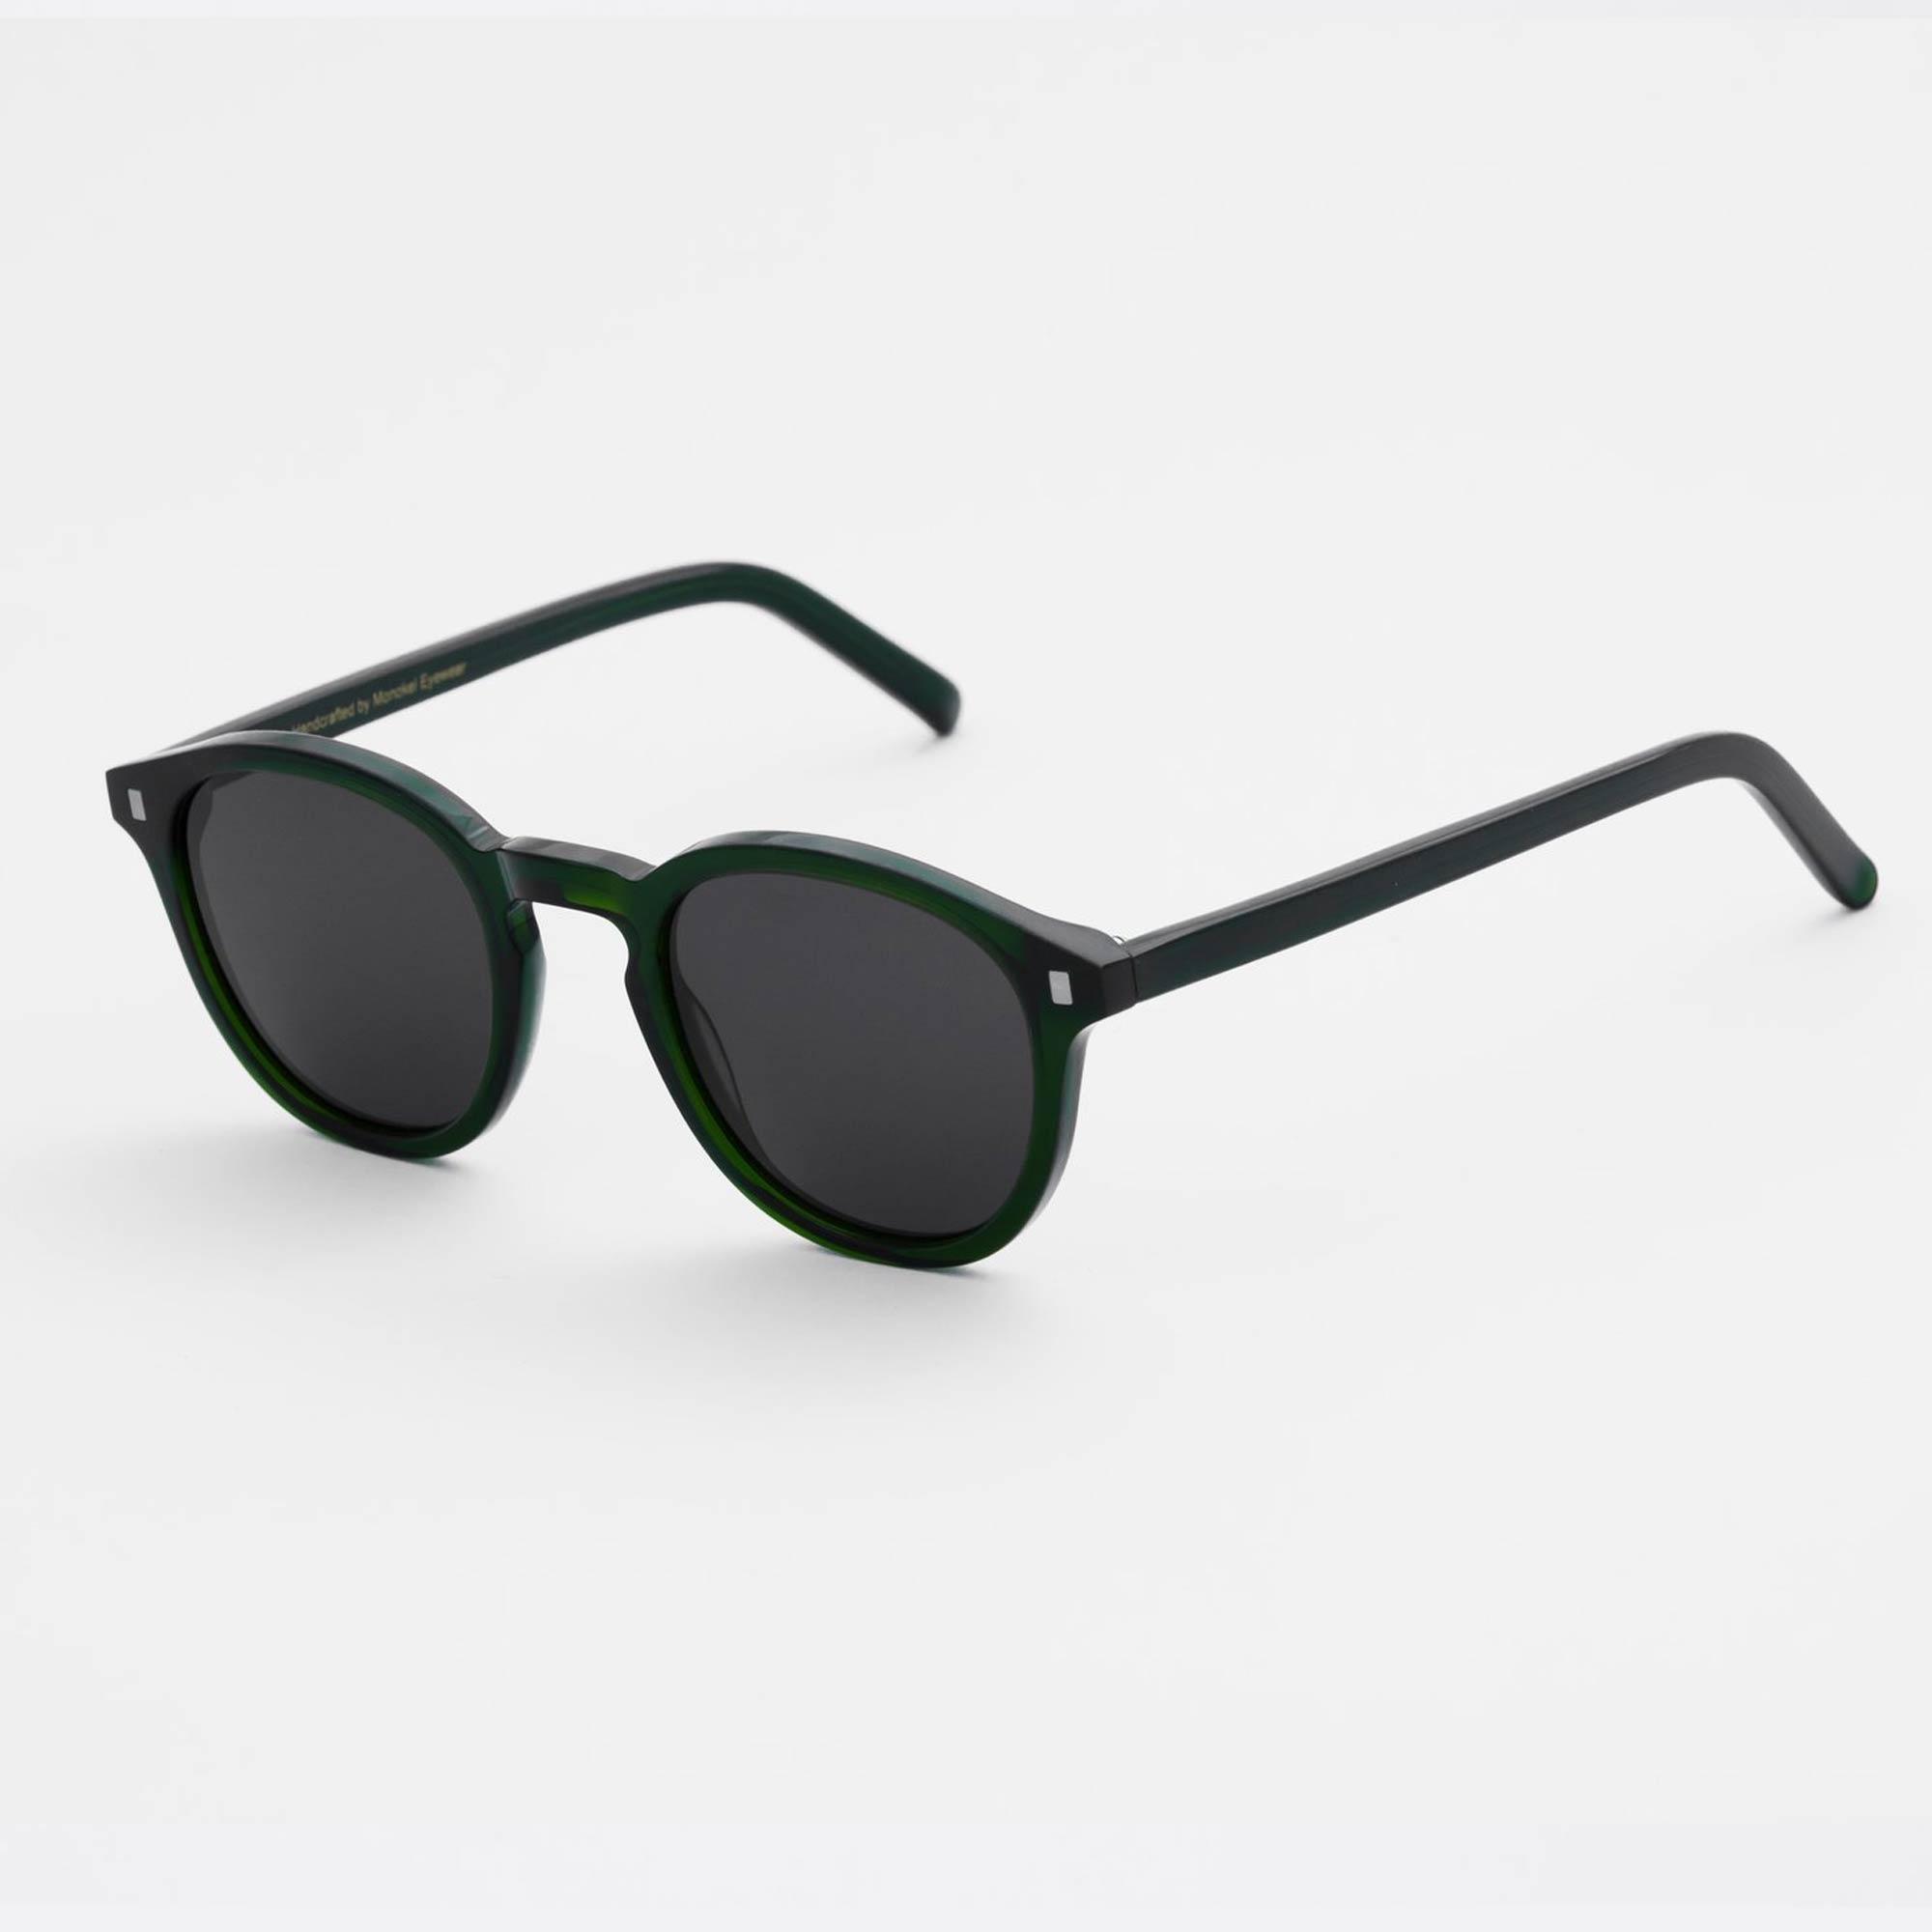 d6f1816d2b2a2 Monokel Eyewear Nelson - Bottle Green in Green for Men - Lyst